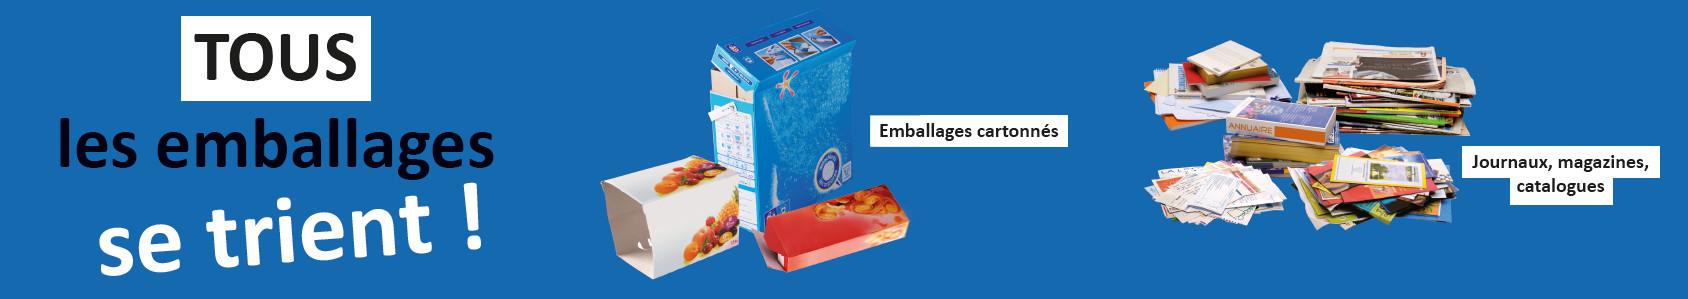 bandeau emballages papier